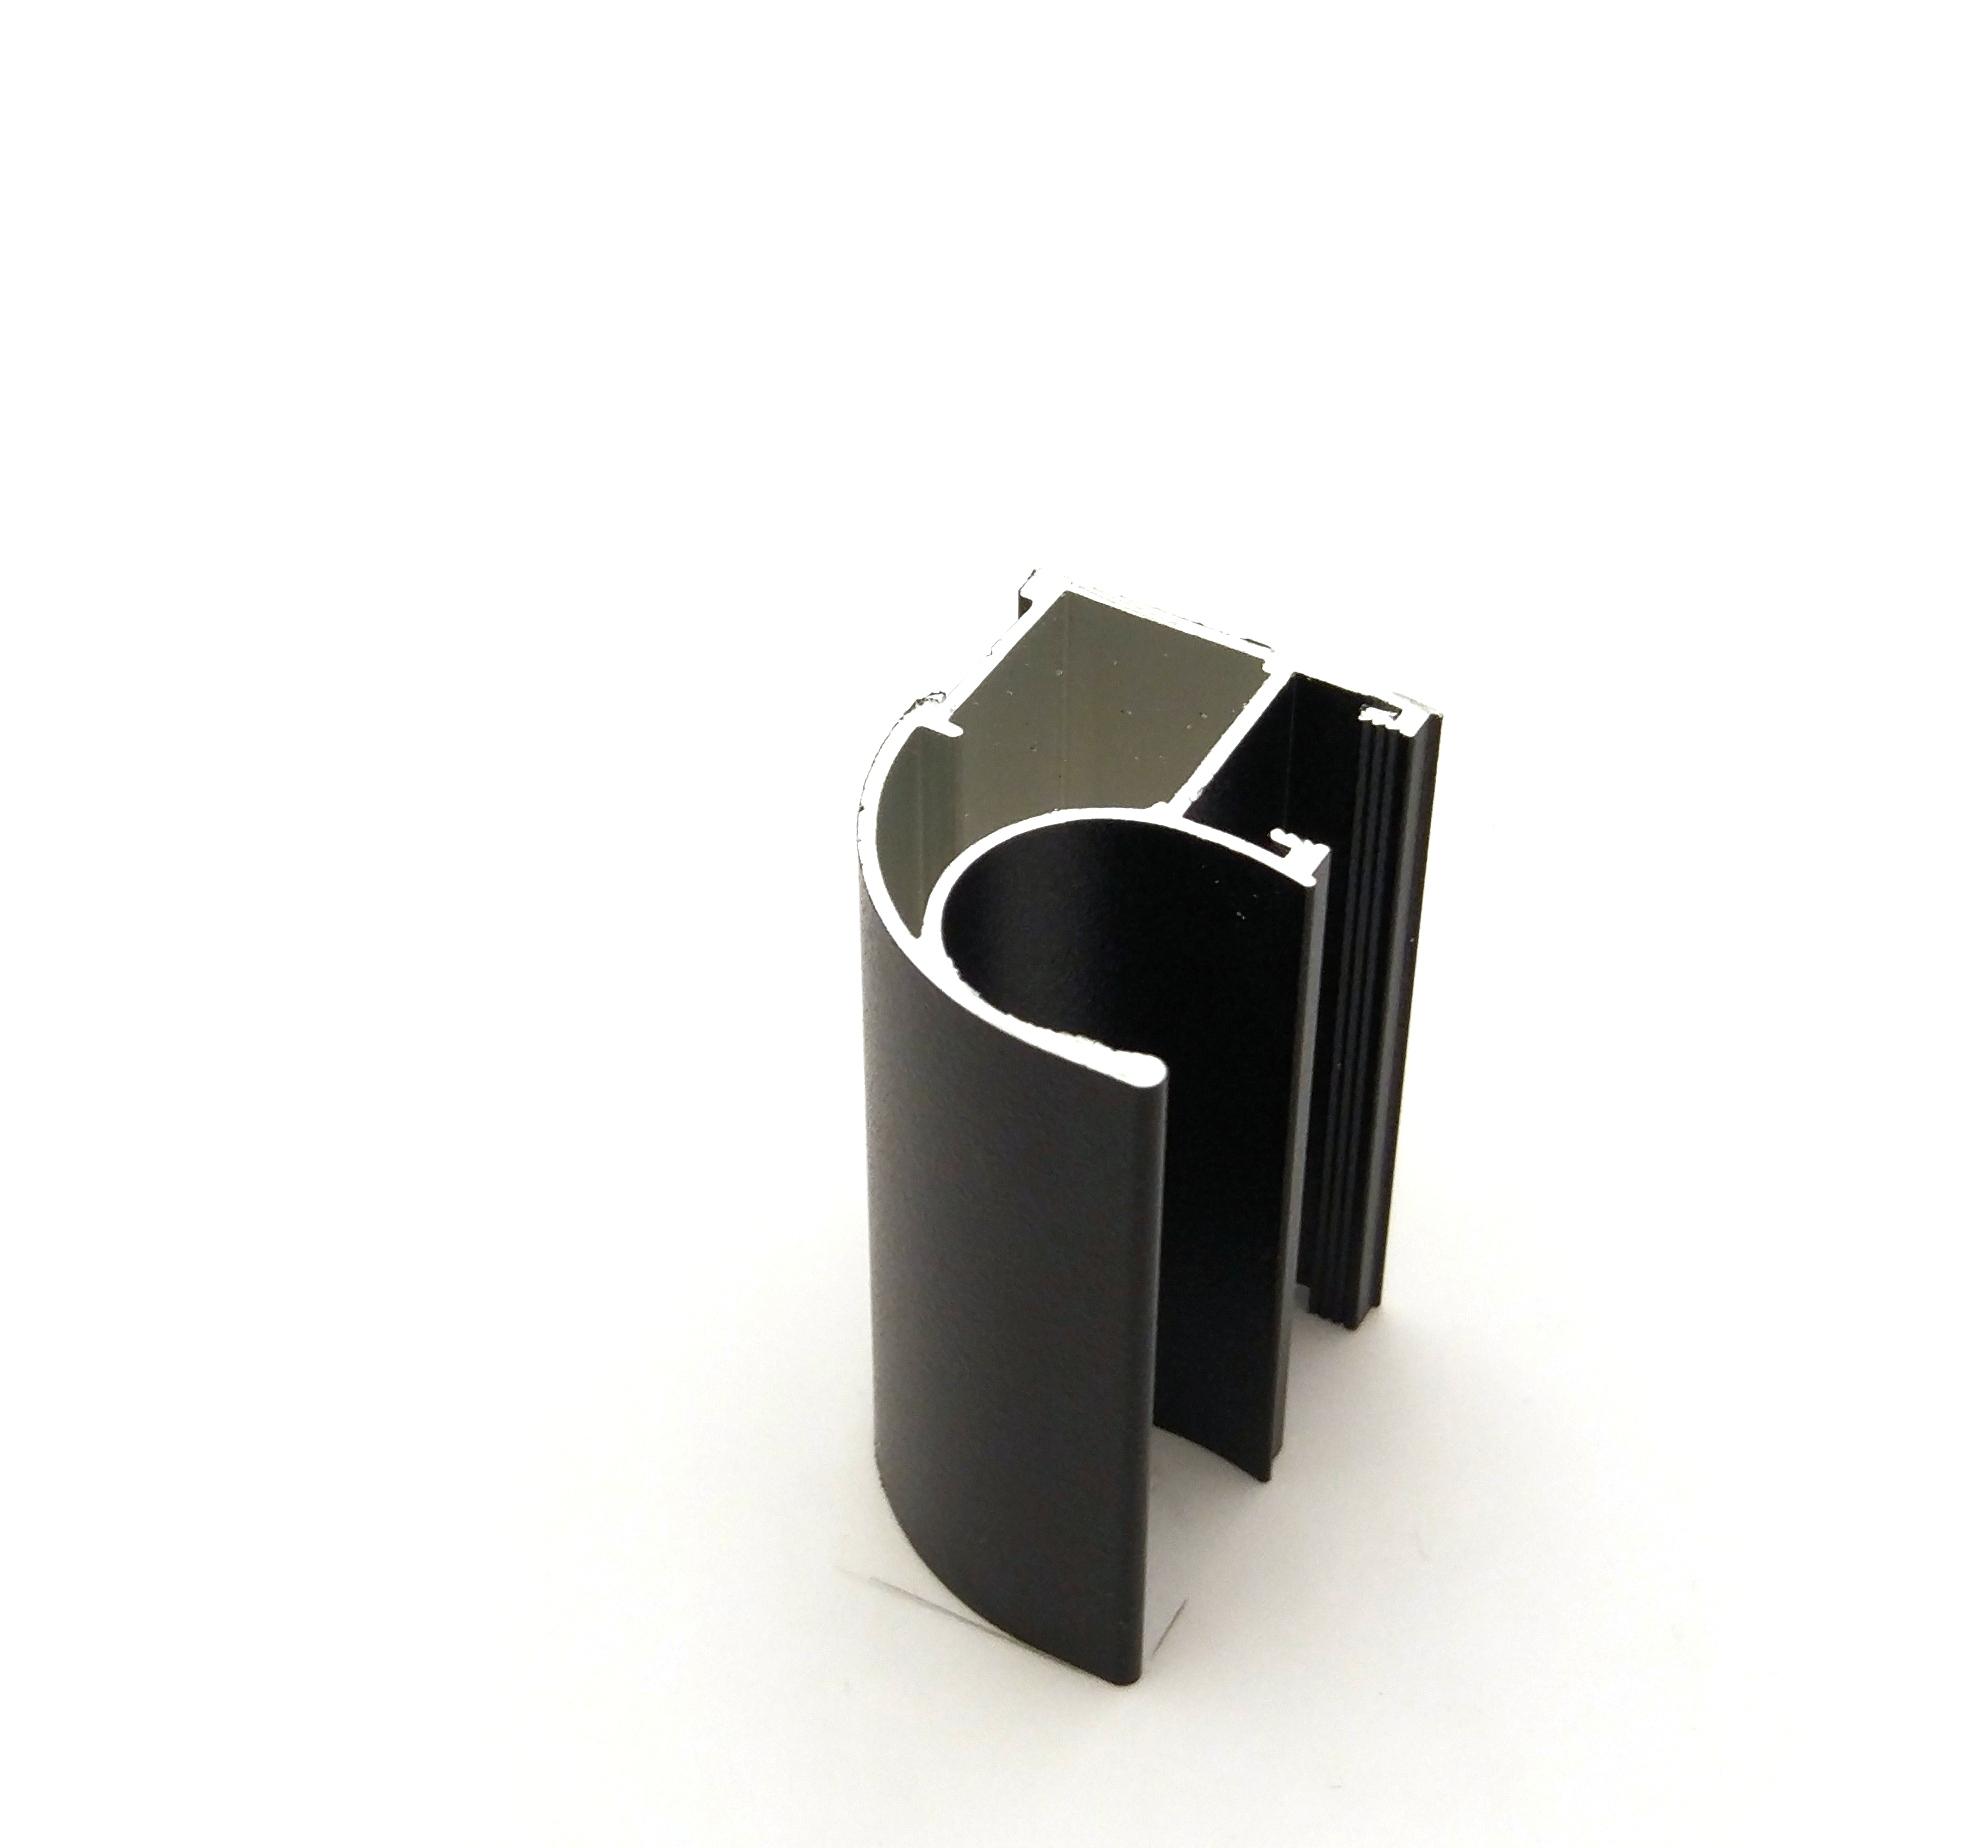 АФ Профиль вертикальный открытый LIGHT, черный матовый, 5400мм